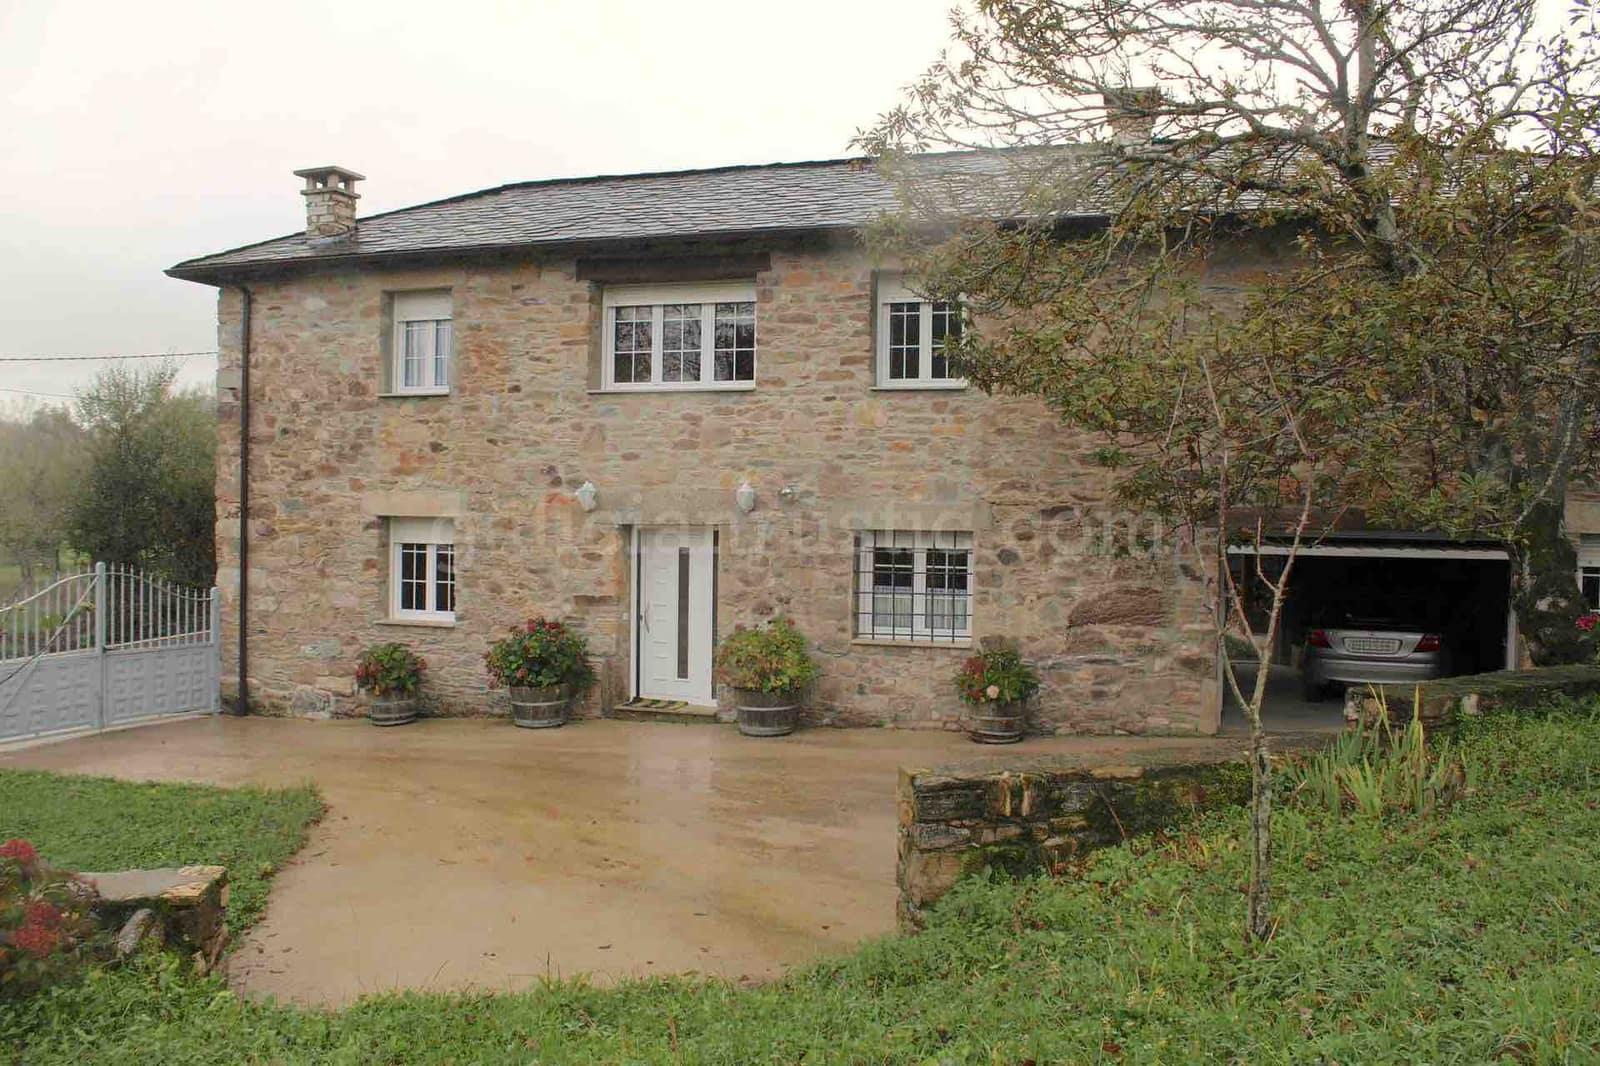 4 bedroom Finca/Country House for sale in Becerrea - € 190,000 (Ref: 4970824)